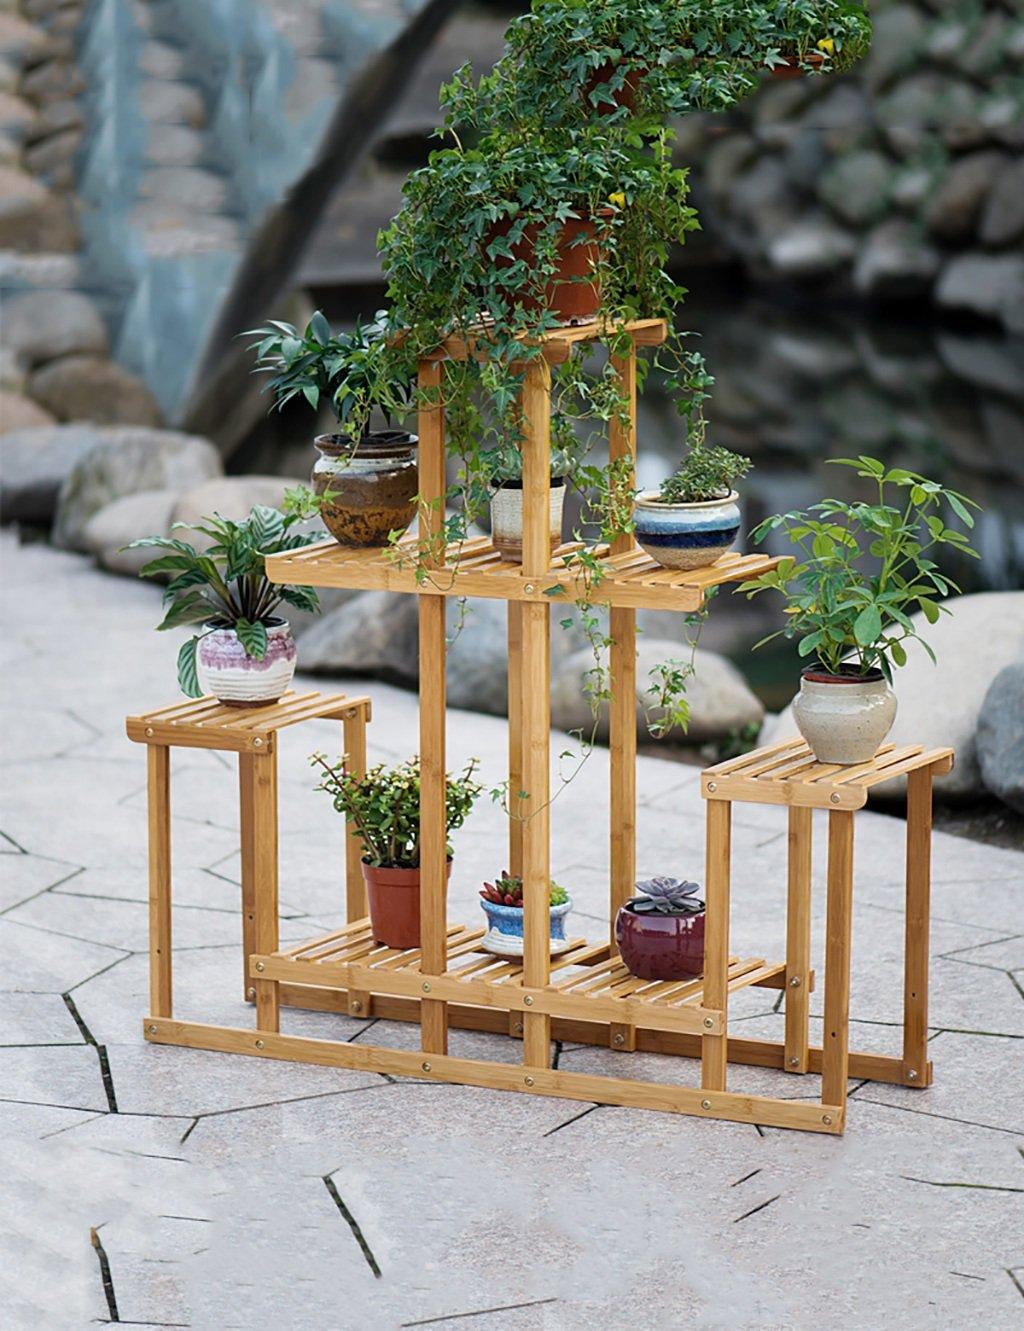 LB huajia ZHANWEI Holz Blume Rack-Balkon Wohnzimmer Innen Mehrschichtige Gefaltete Blumenständer, Blumentopf, Massivholz-Blume-Rack